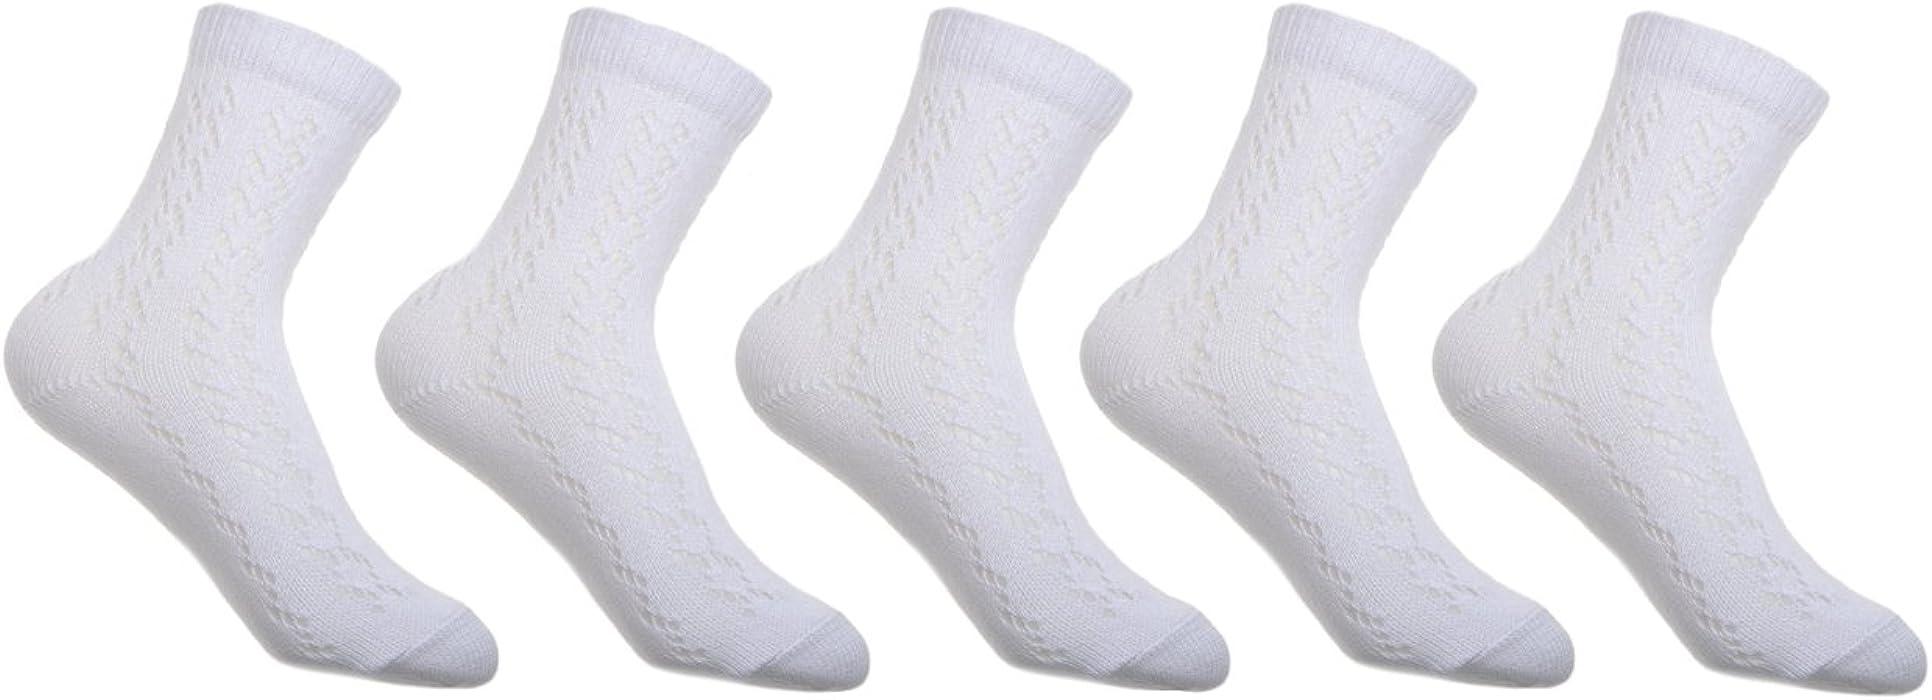 Girls white ankle length socks 6 pairs ideal for school pelerine design UK made